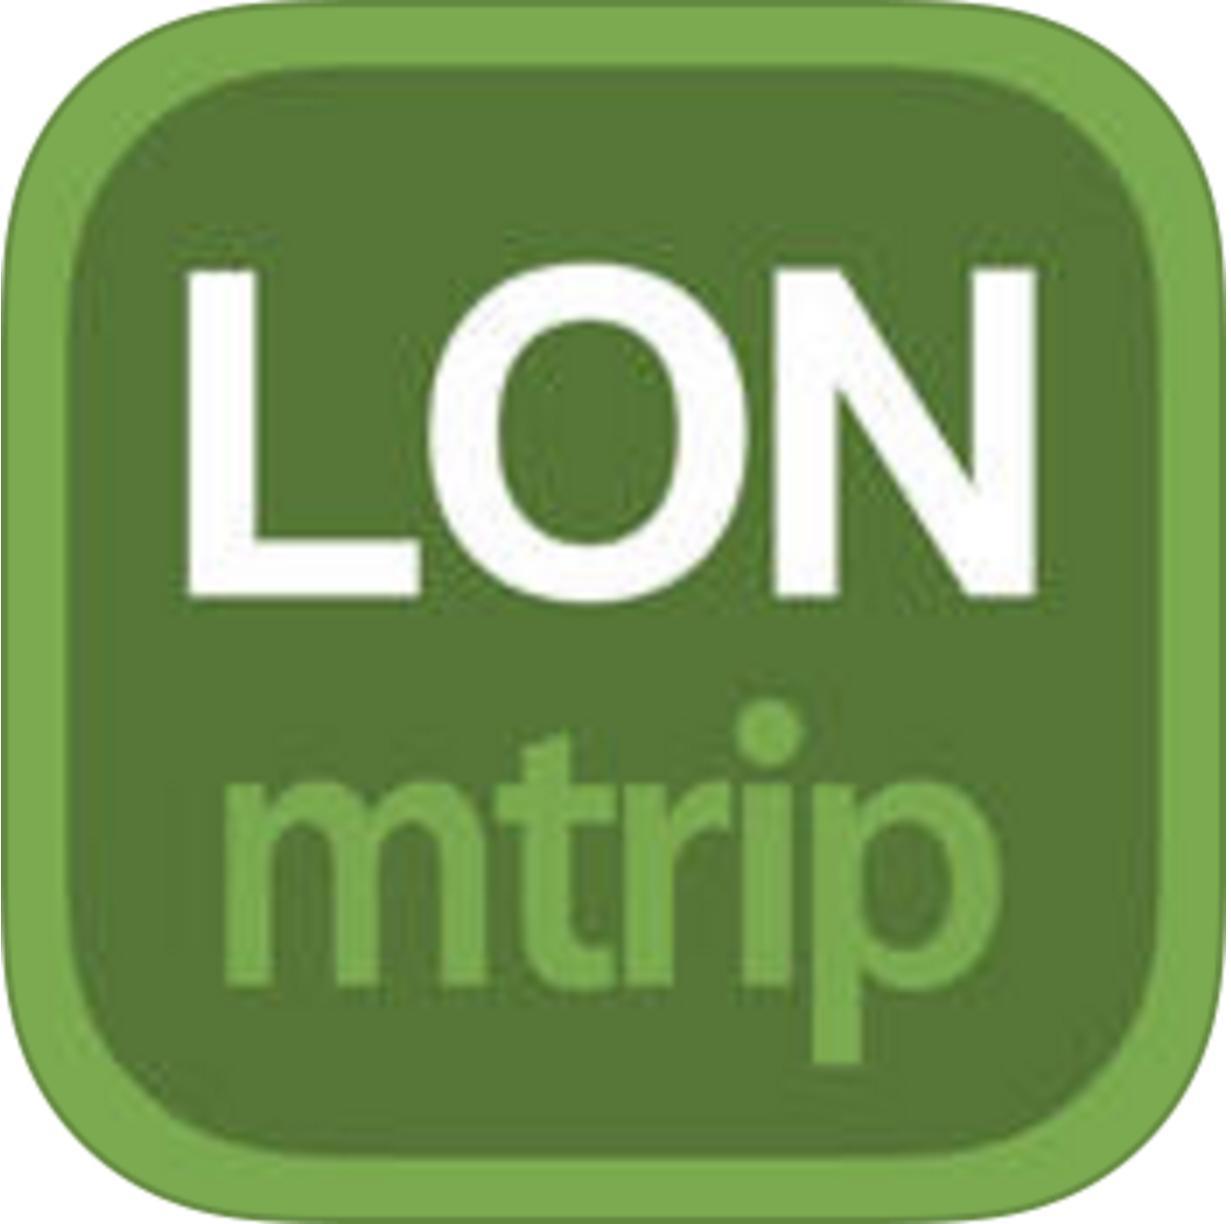 Guides de voyage mTrip Londres (avec carte offline) gratuit sur iOS (au lieu de 4.99€)